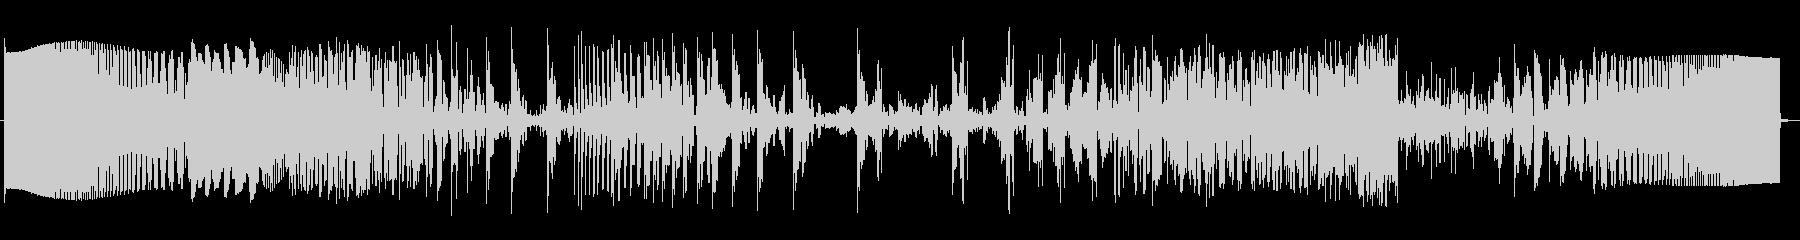 ビッグエレクトロザッパースワイプ2の未再生の波形